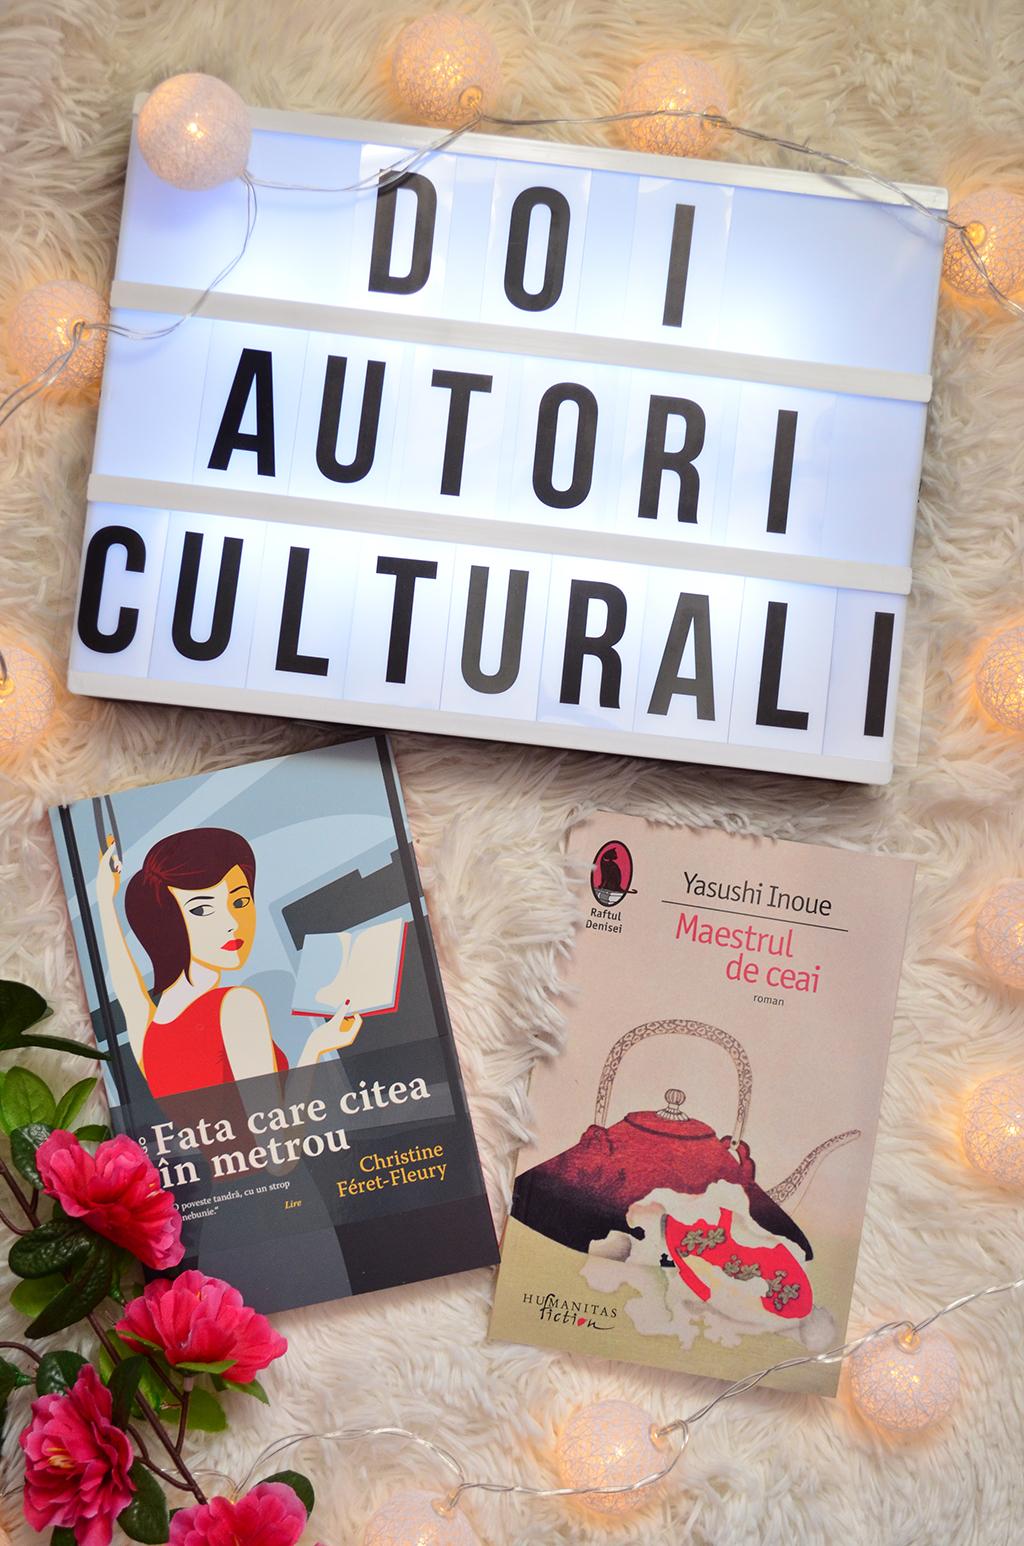 autori culturali fata care citea in metrou maestrul de ceai recenzie